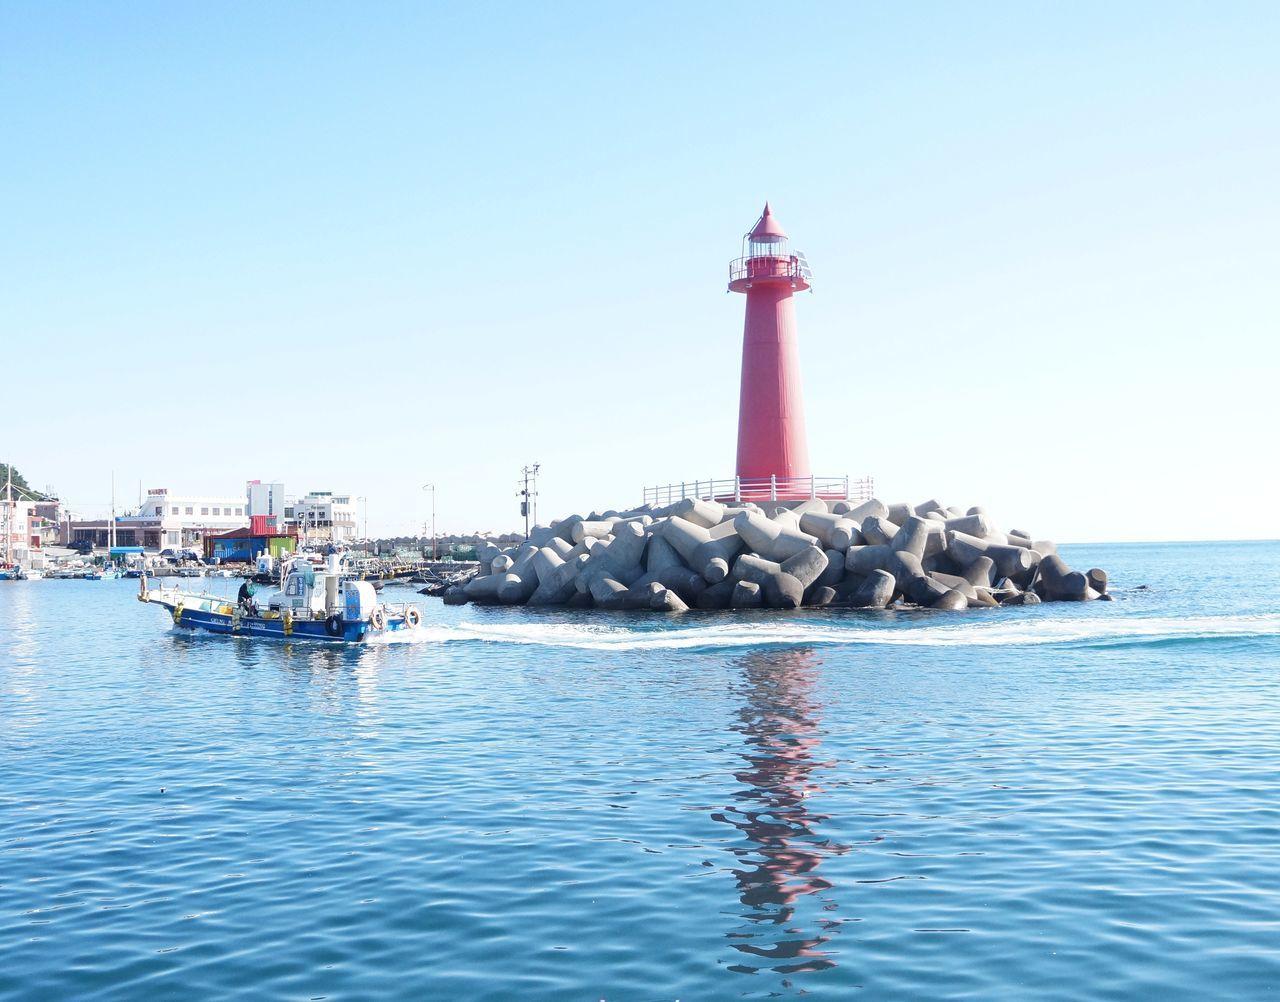 청사포 해운대 등대 방파제 Lighthouse Haeundae Sky Beach Water Reflection Ship Busan,Korea